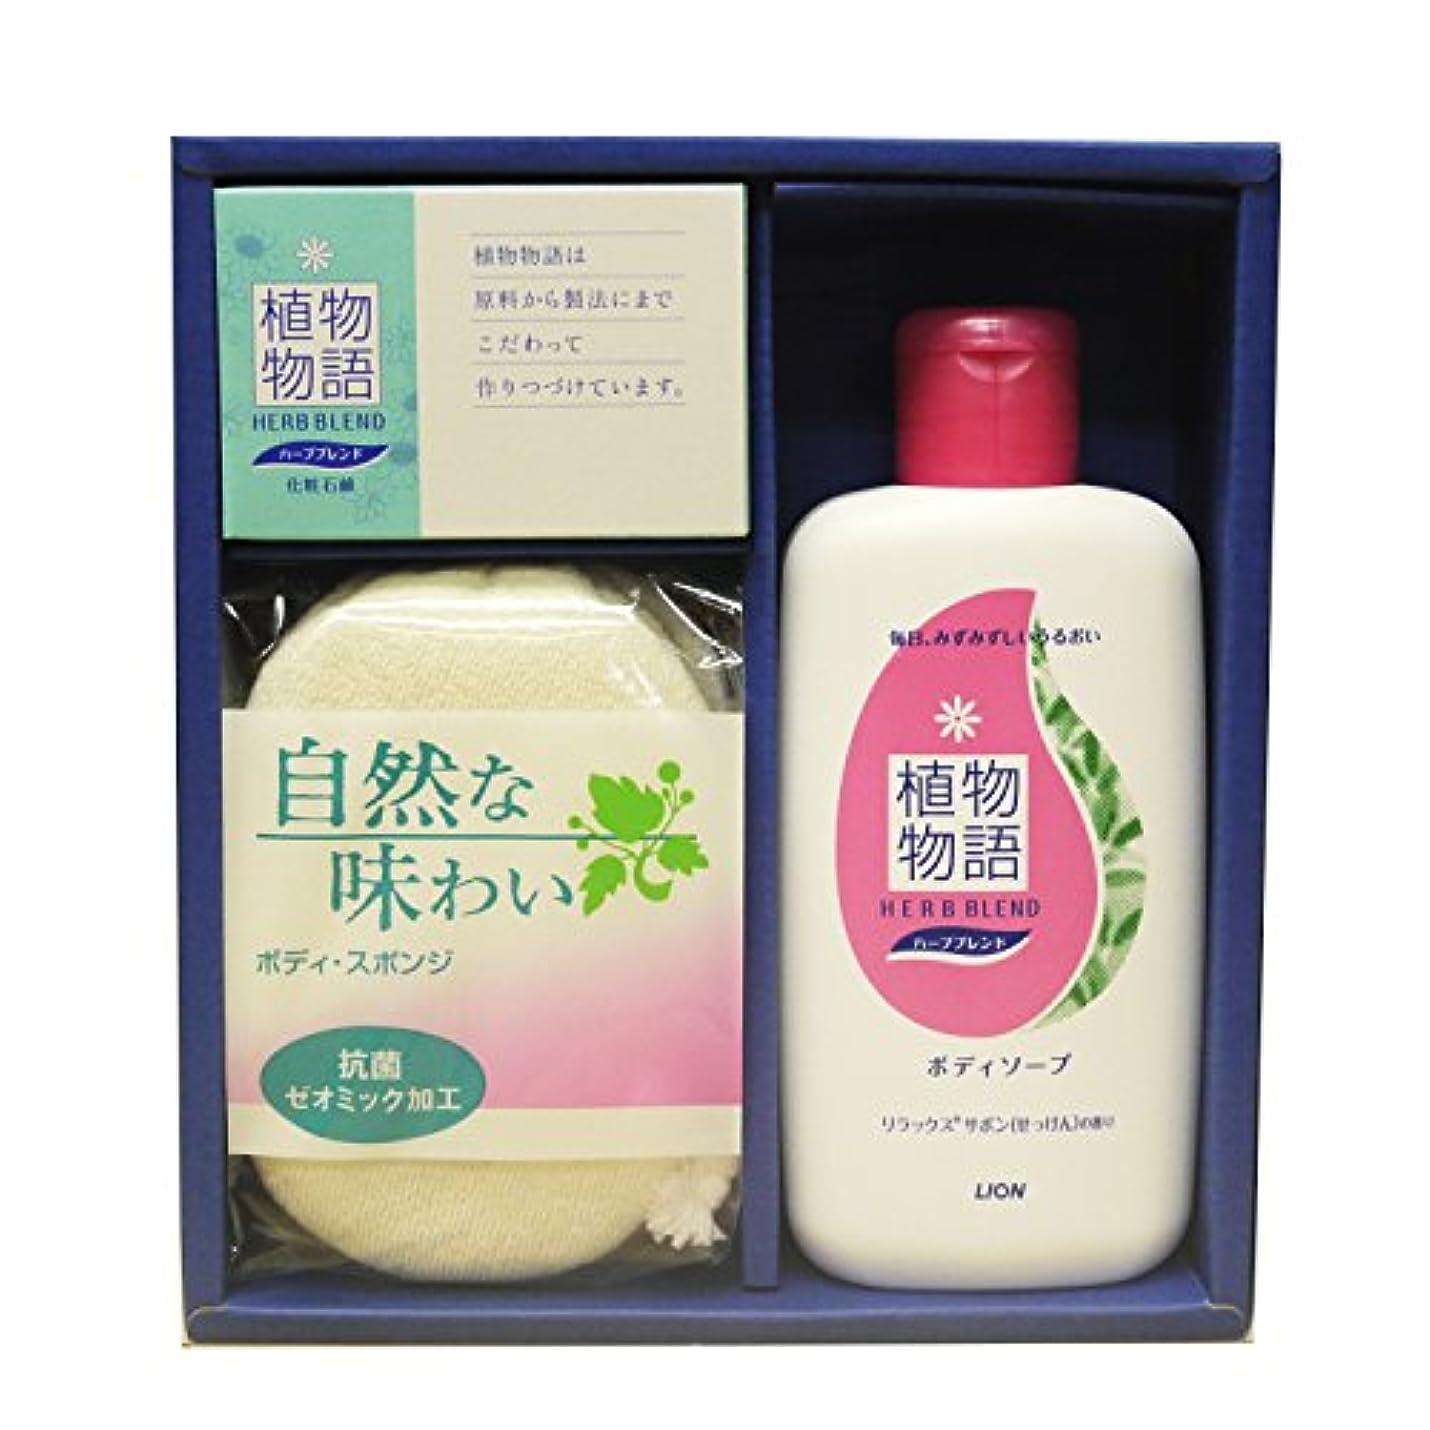 マングル重要な脅威植物物語ギフトセット ボディーソープ 化粧石鹸 スポンジ